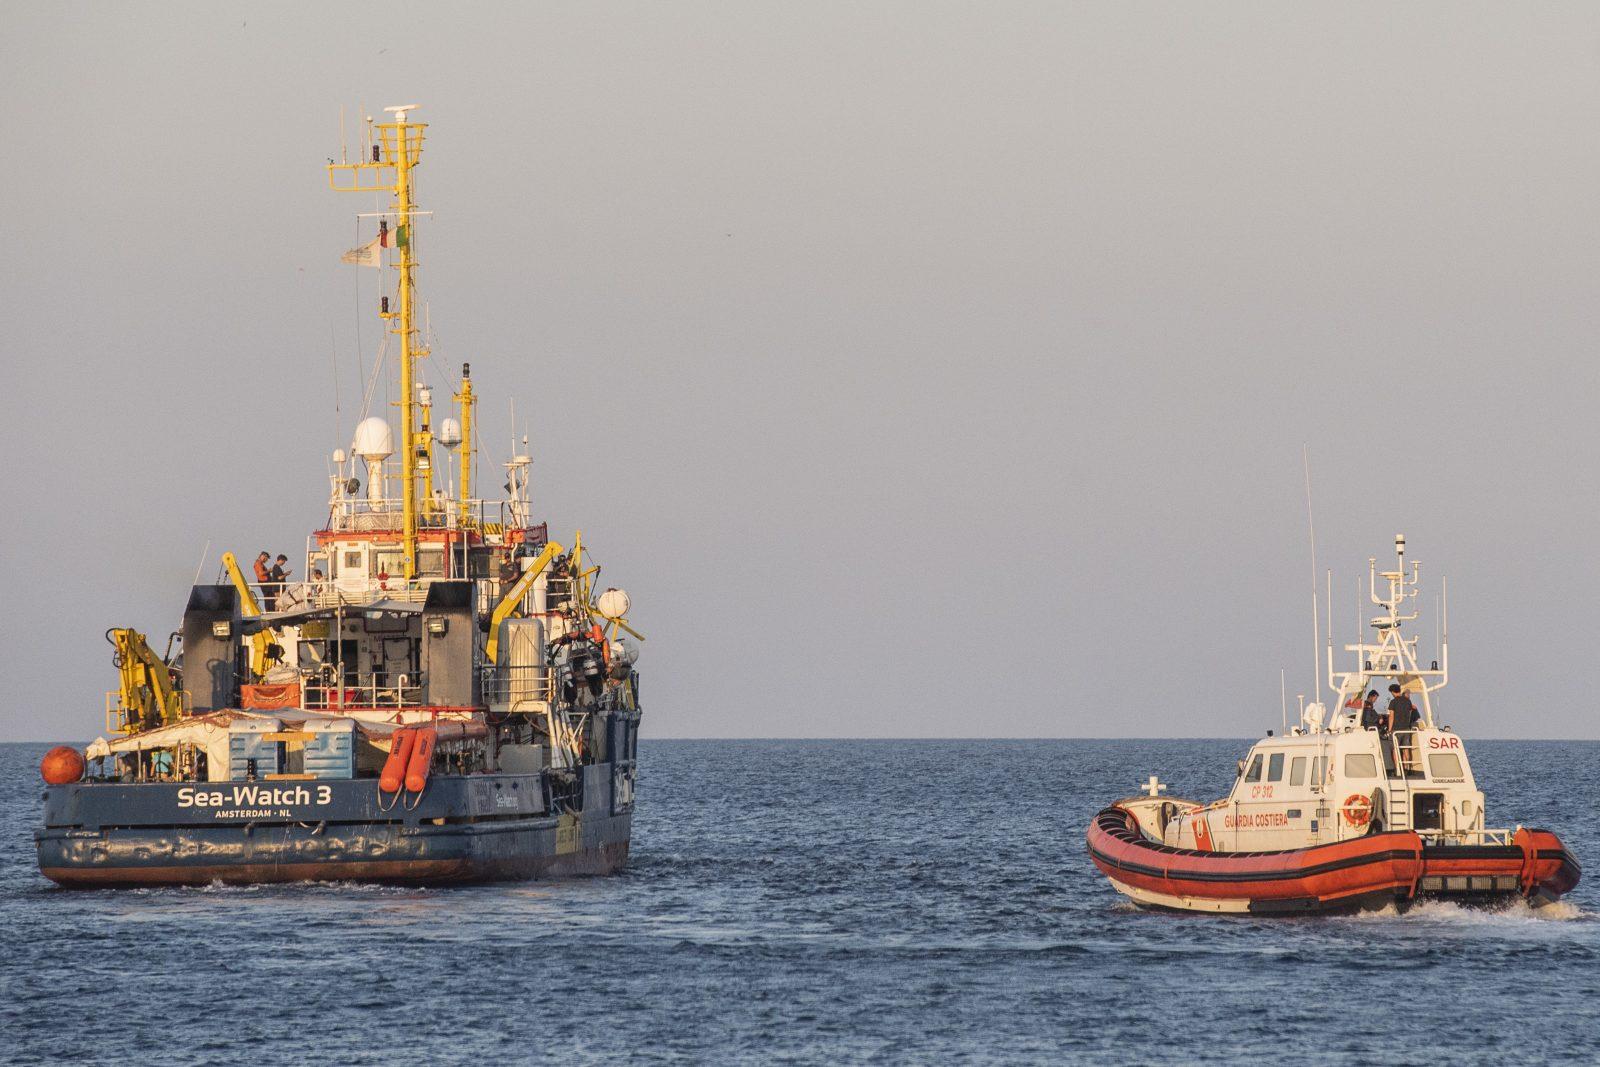 Sea-Watch-Schiff